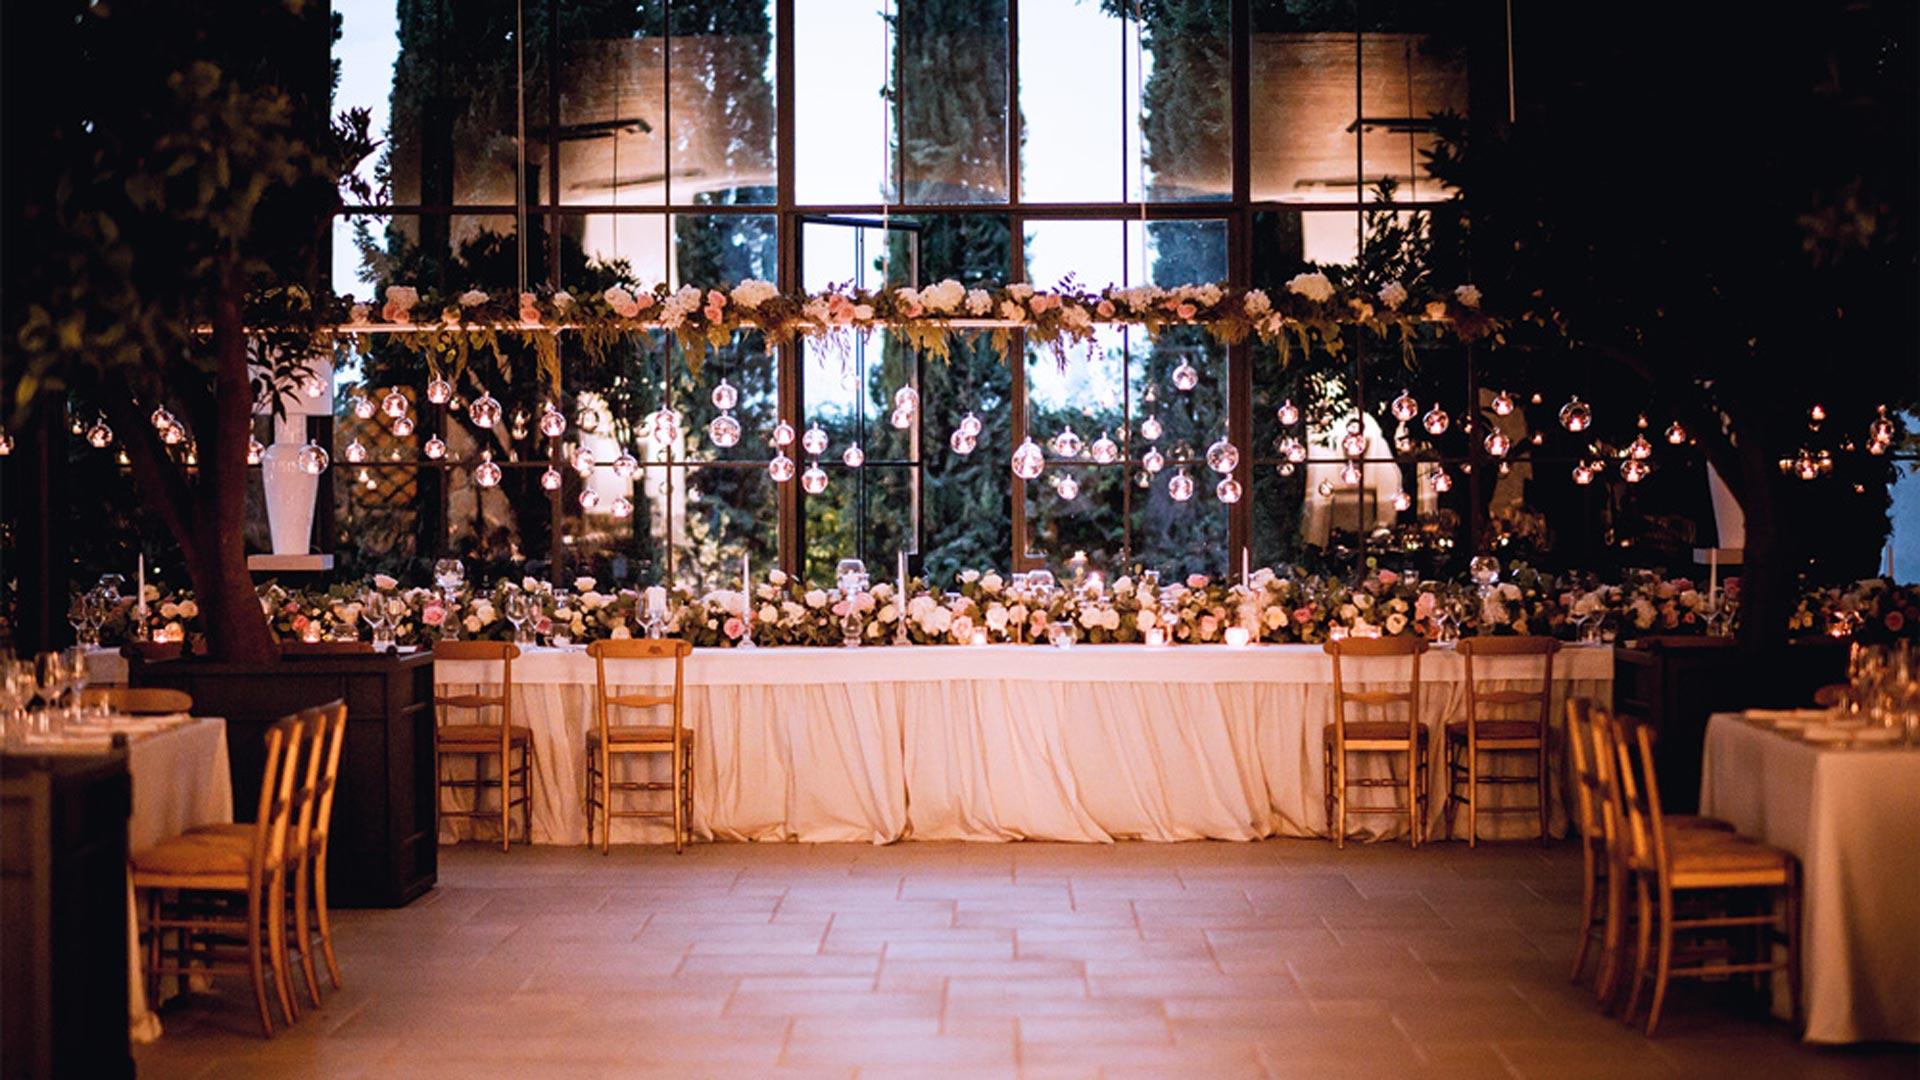 matrimonio autunnale allestimento floreale tavolata